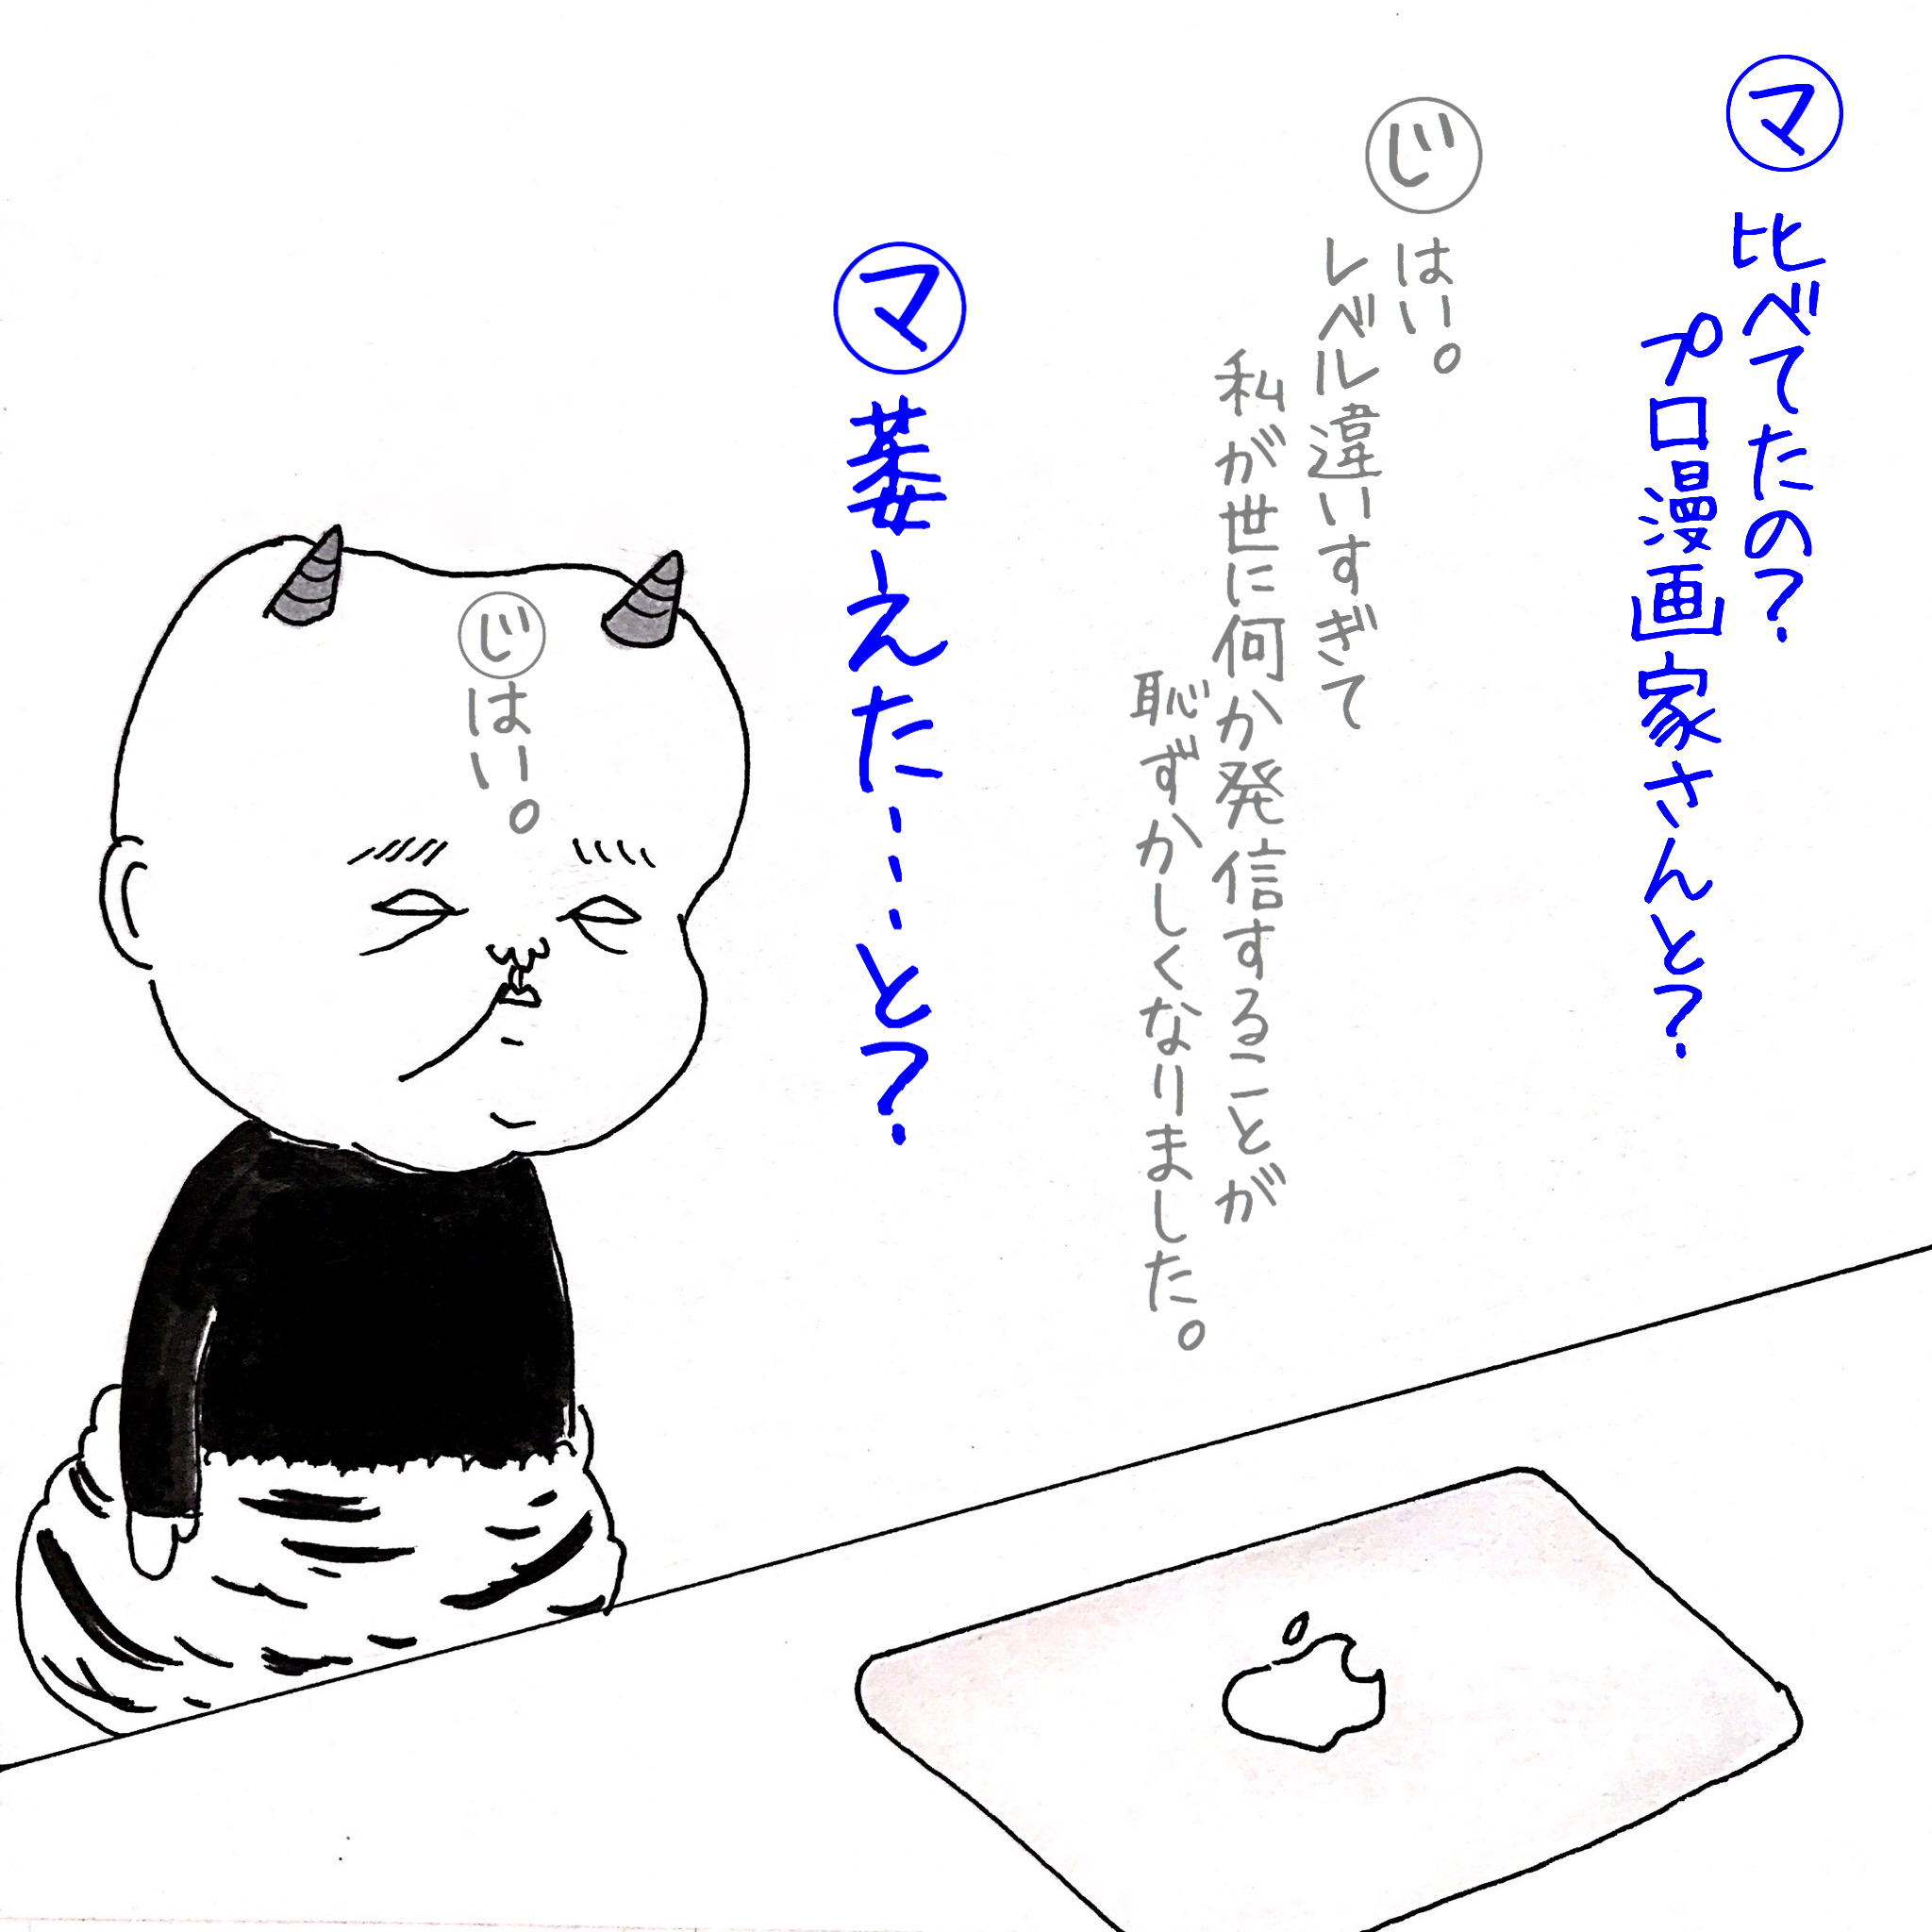 テレパシー会話漫画10